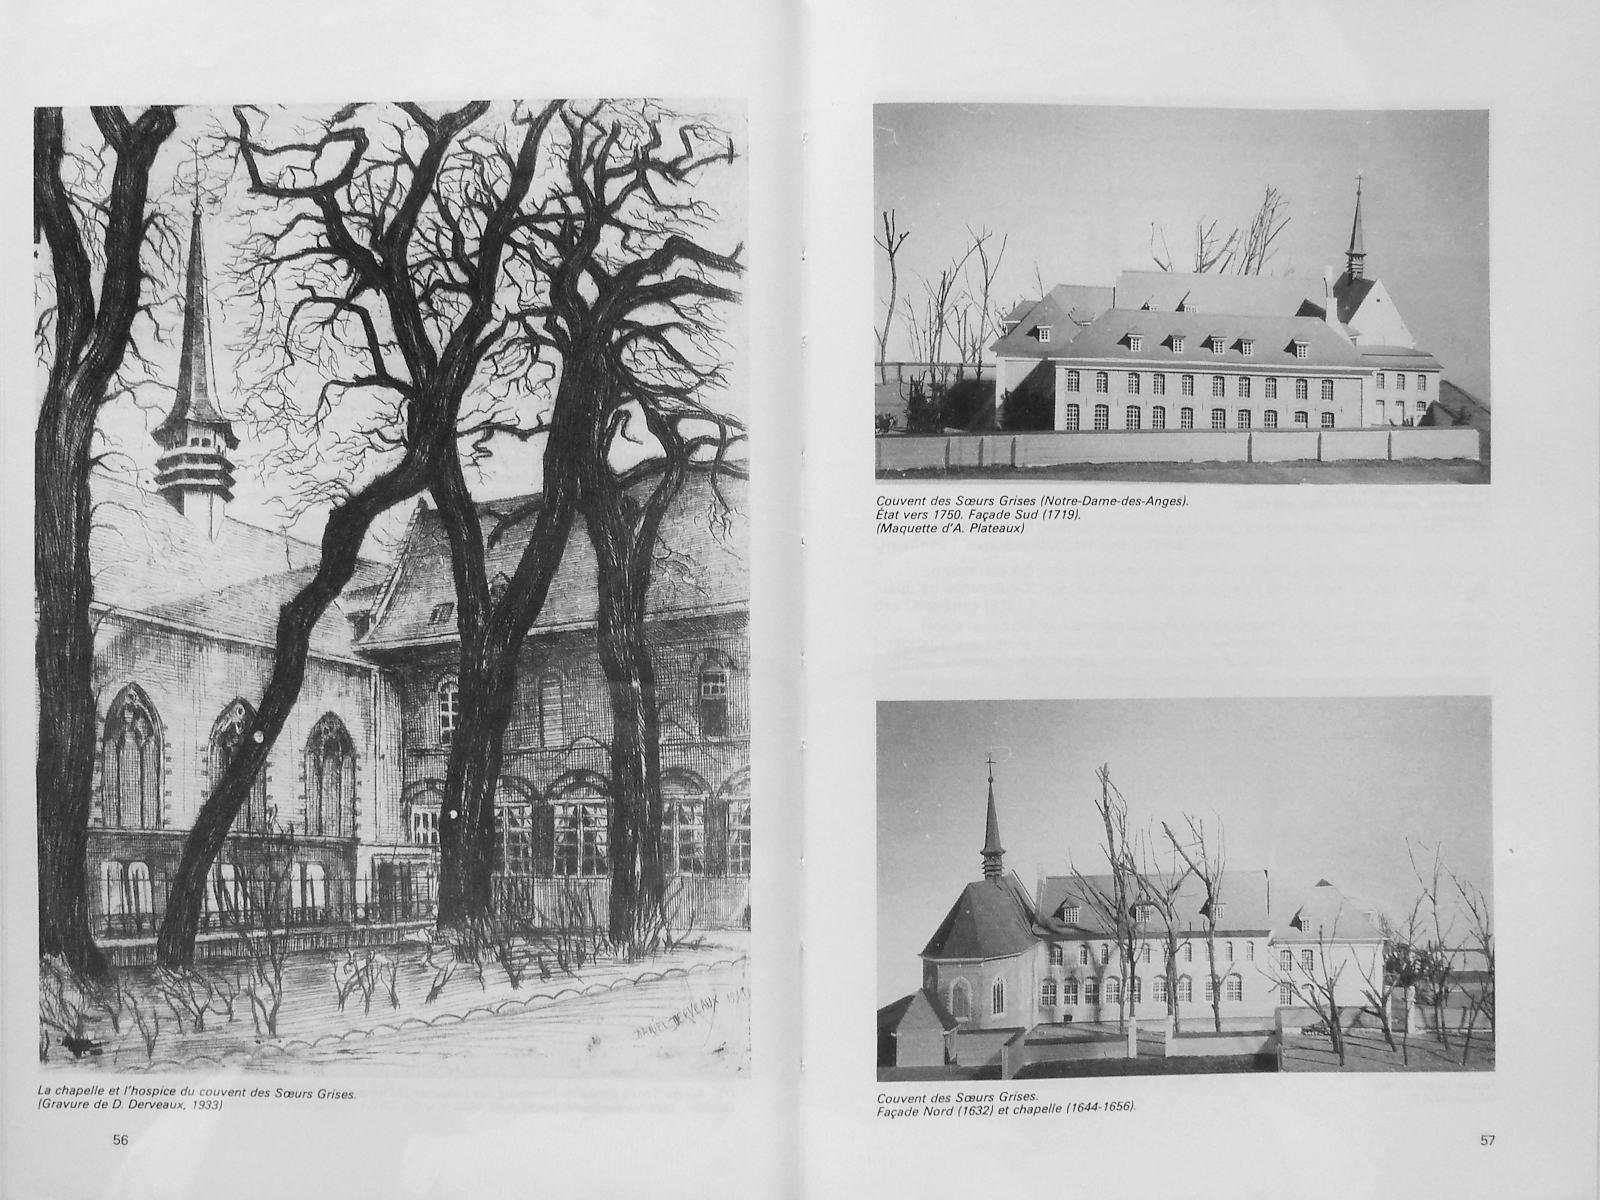 Chroniques tourquennoises, tome 5, pages 56 et 57